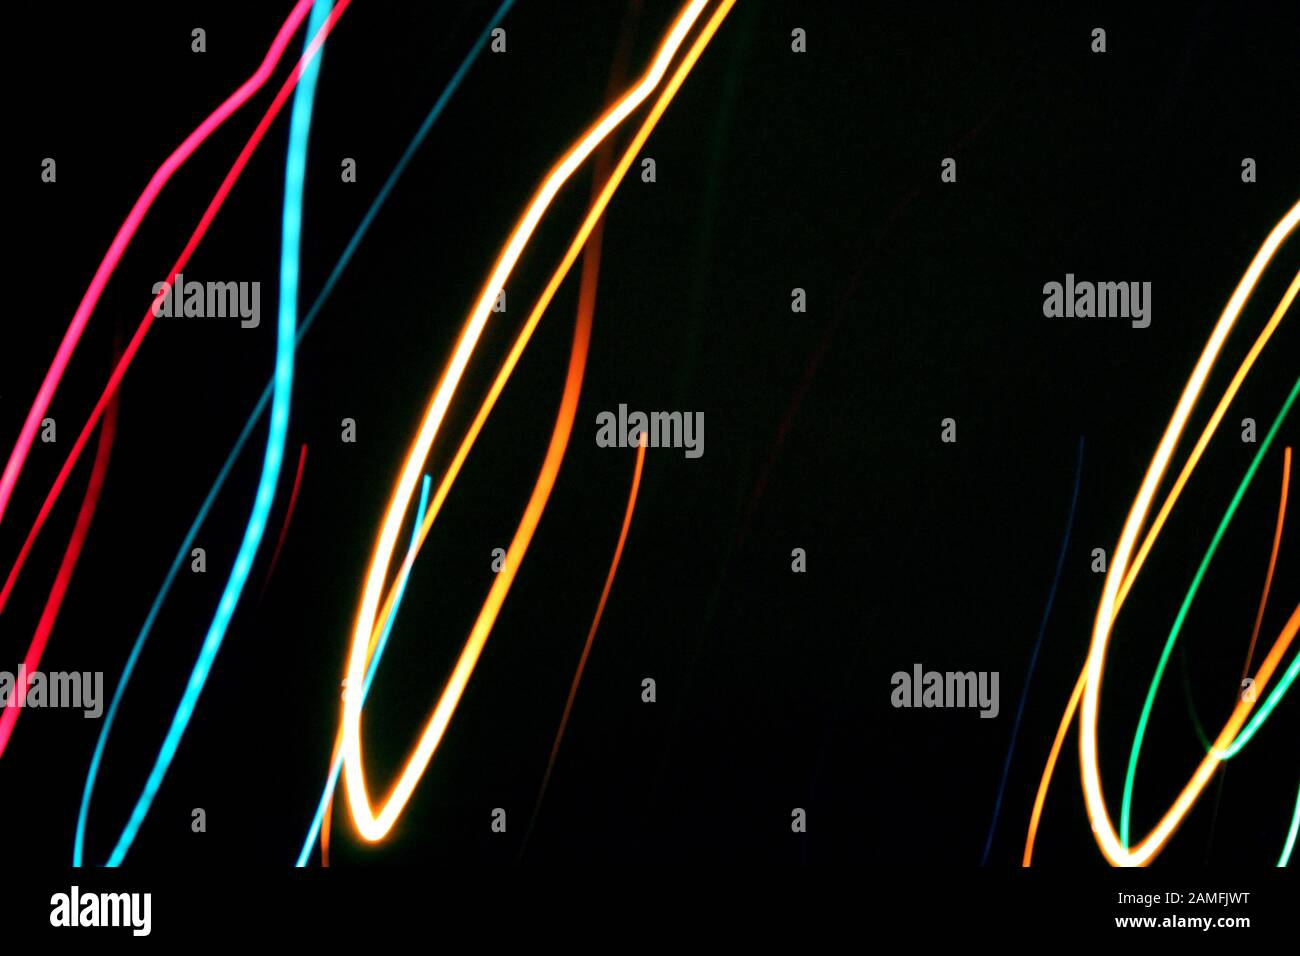 Lignes de couleur multicolores peinture claire du feu dans l'obscurité. Gros plan sur la vue d'arrière-plan de nuit noire. Espace de copie de texte. Concept de fête Banque D'Images